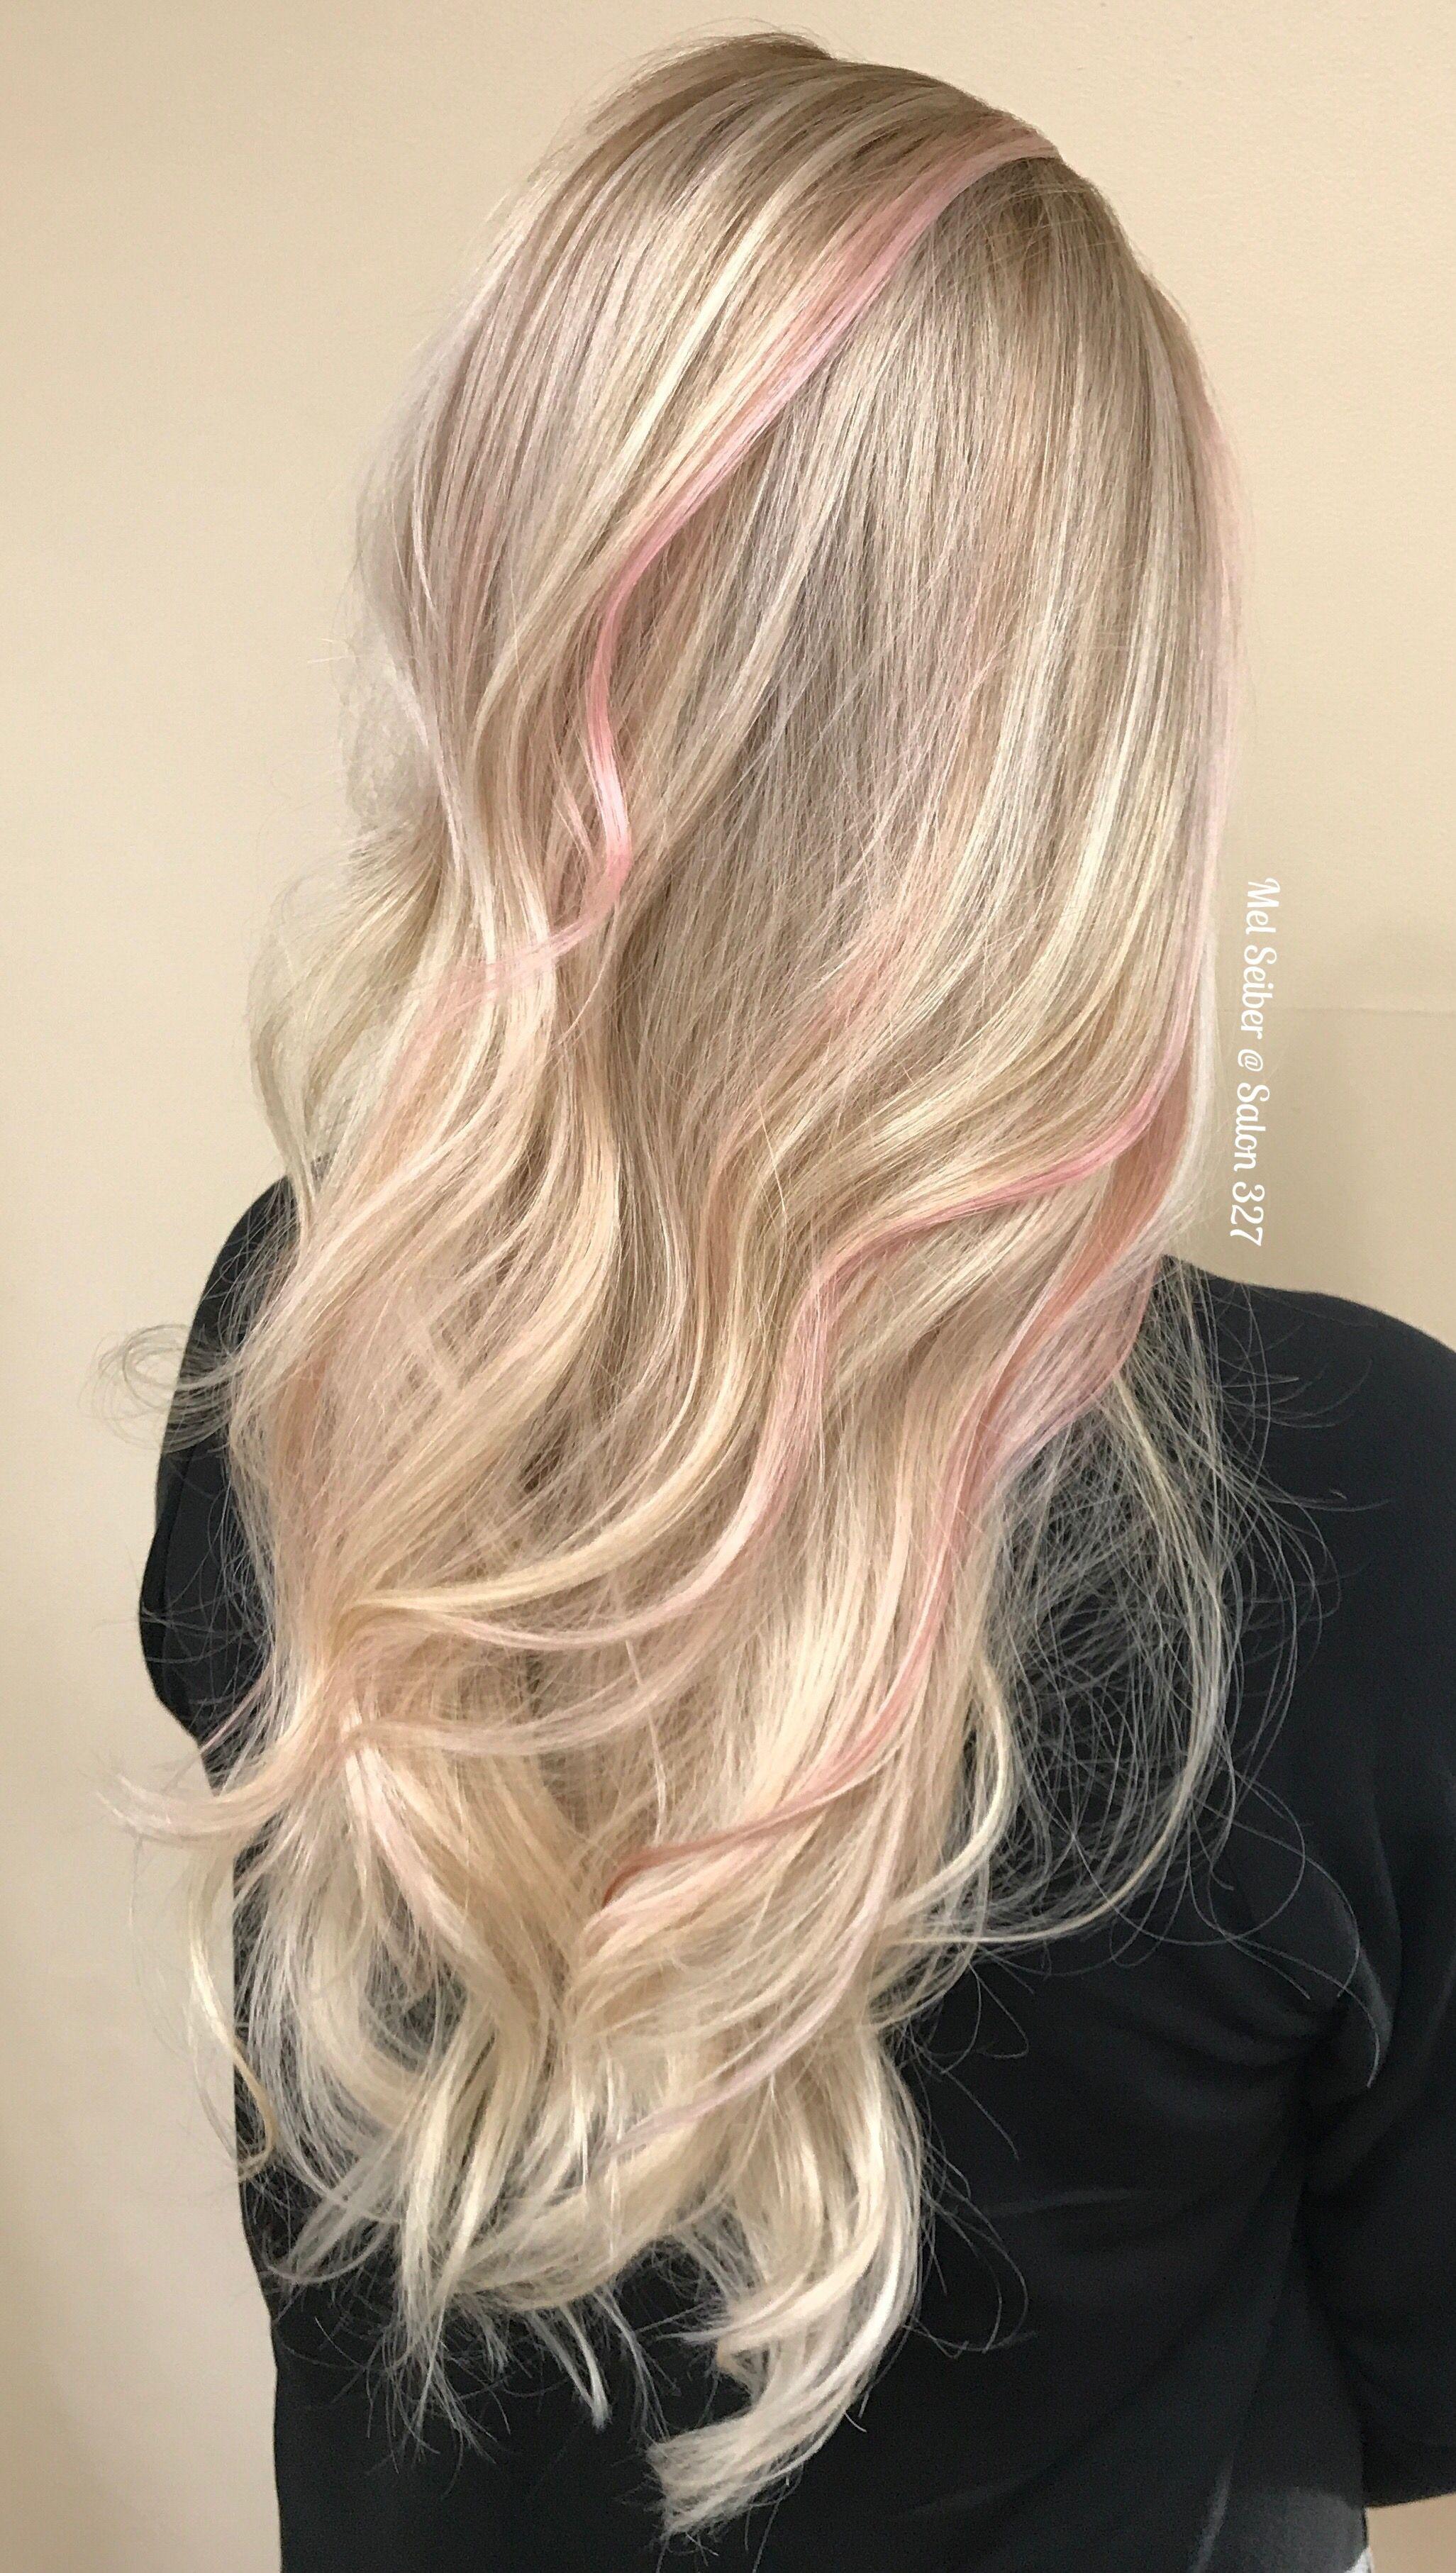 Blonde Balayage With Pink Peekaboos Pink Blonde Hair Hair Streaks Blonde Hair With Pink Highlights